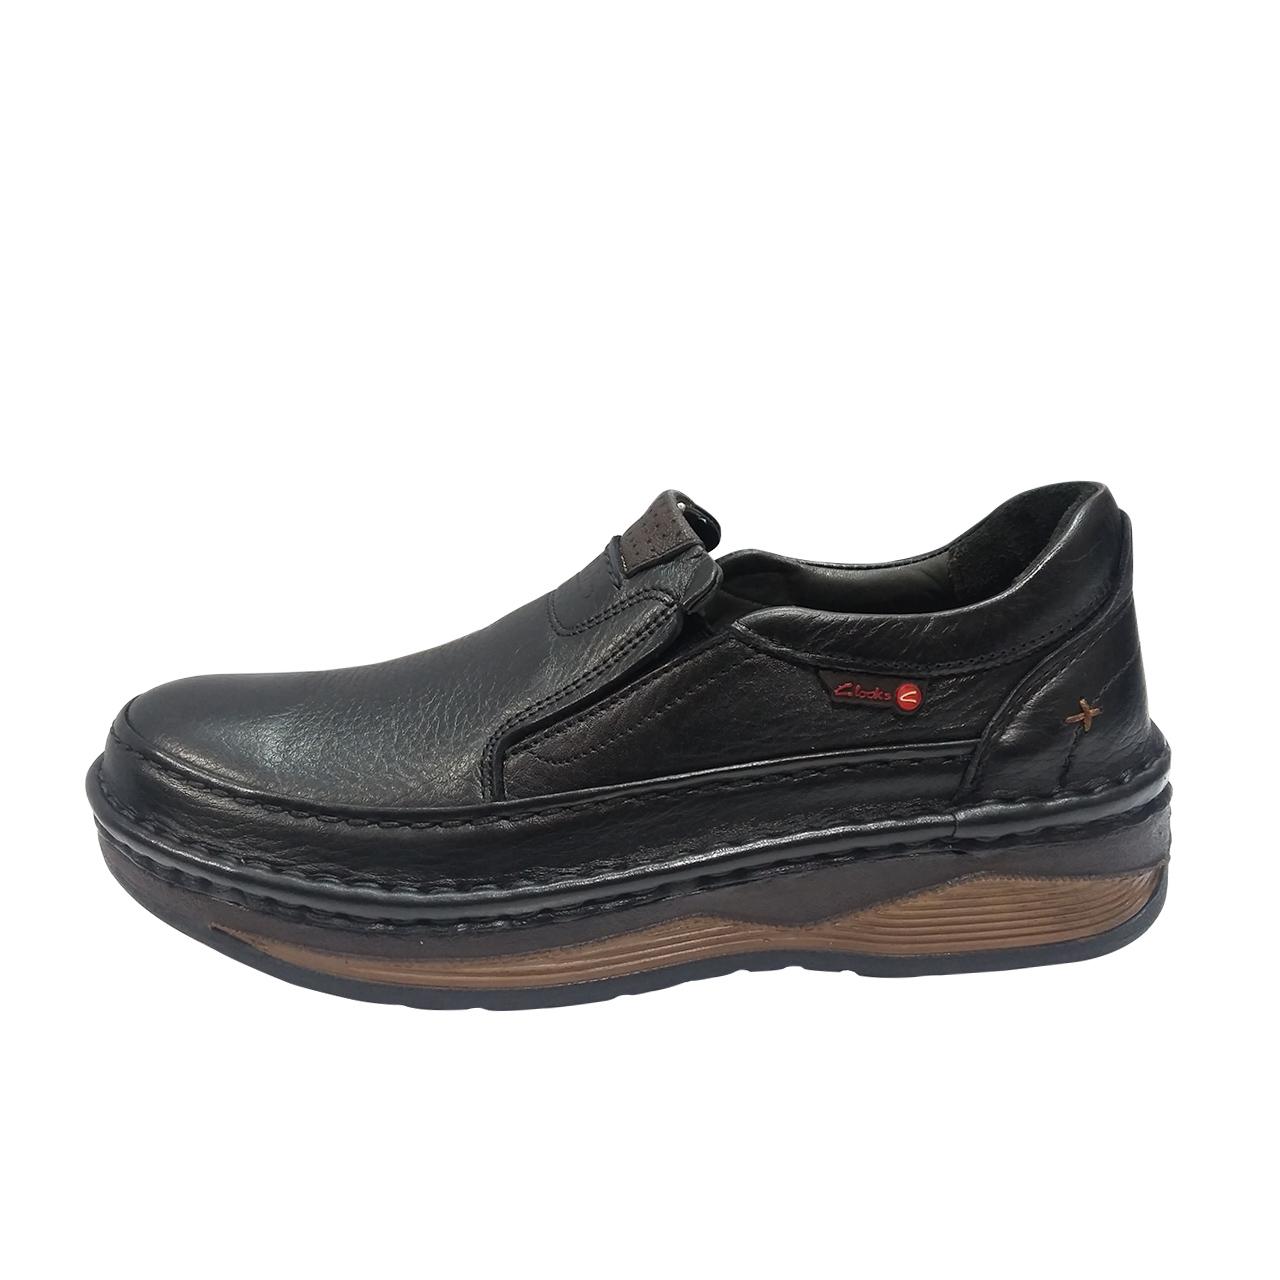 کفش طبی مردانه  مدل اکتیو کد 02